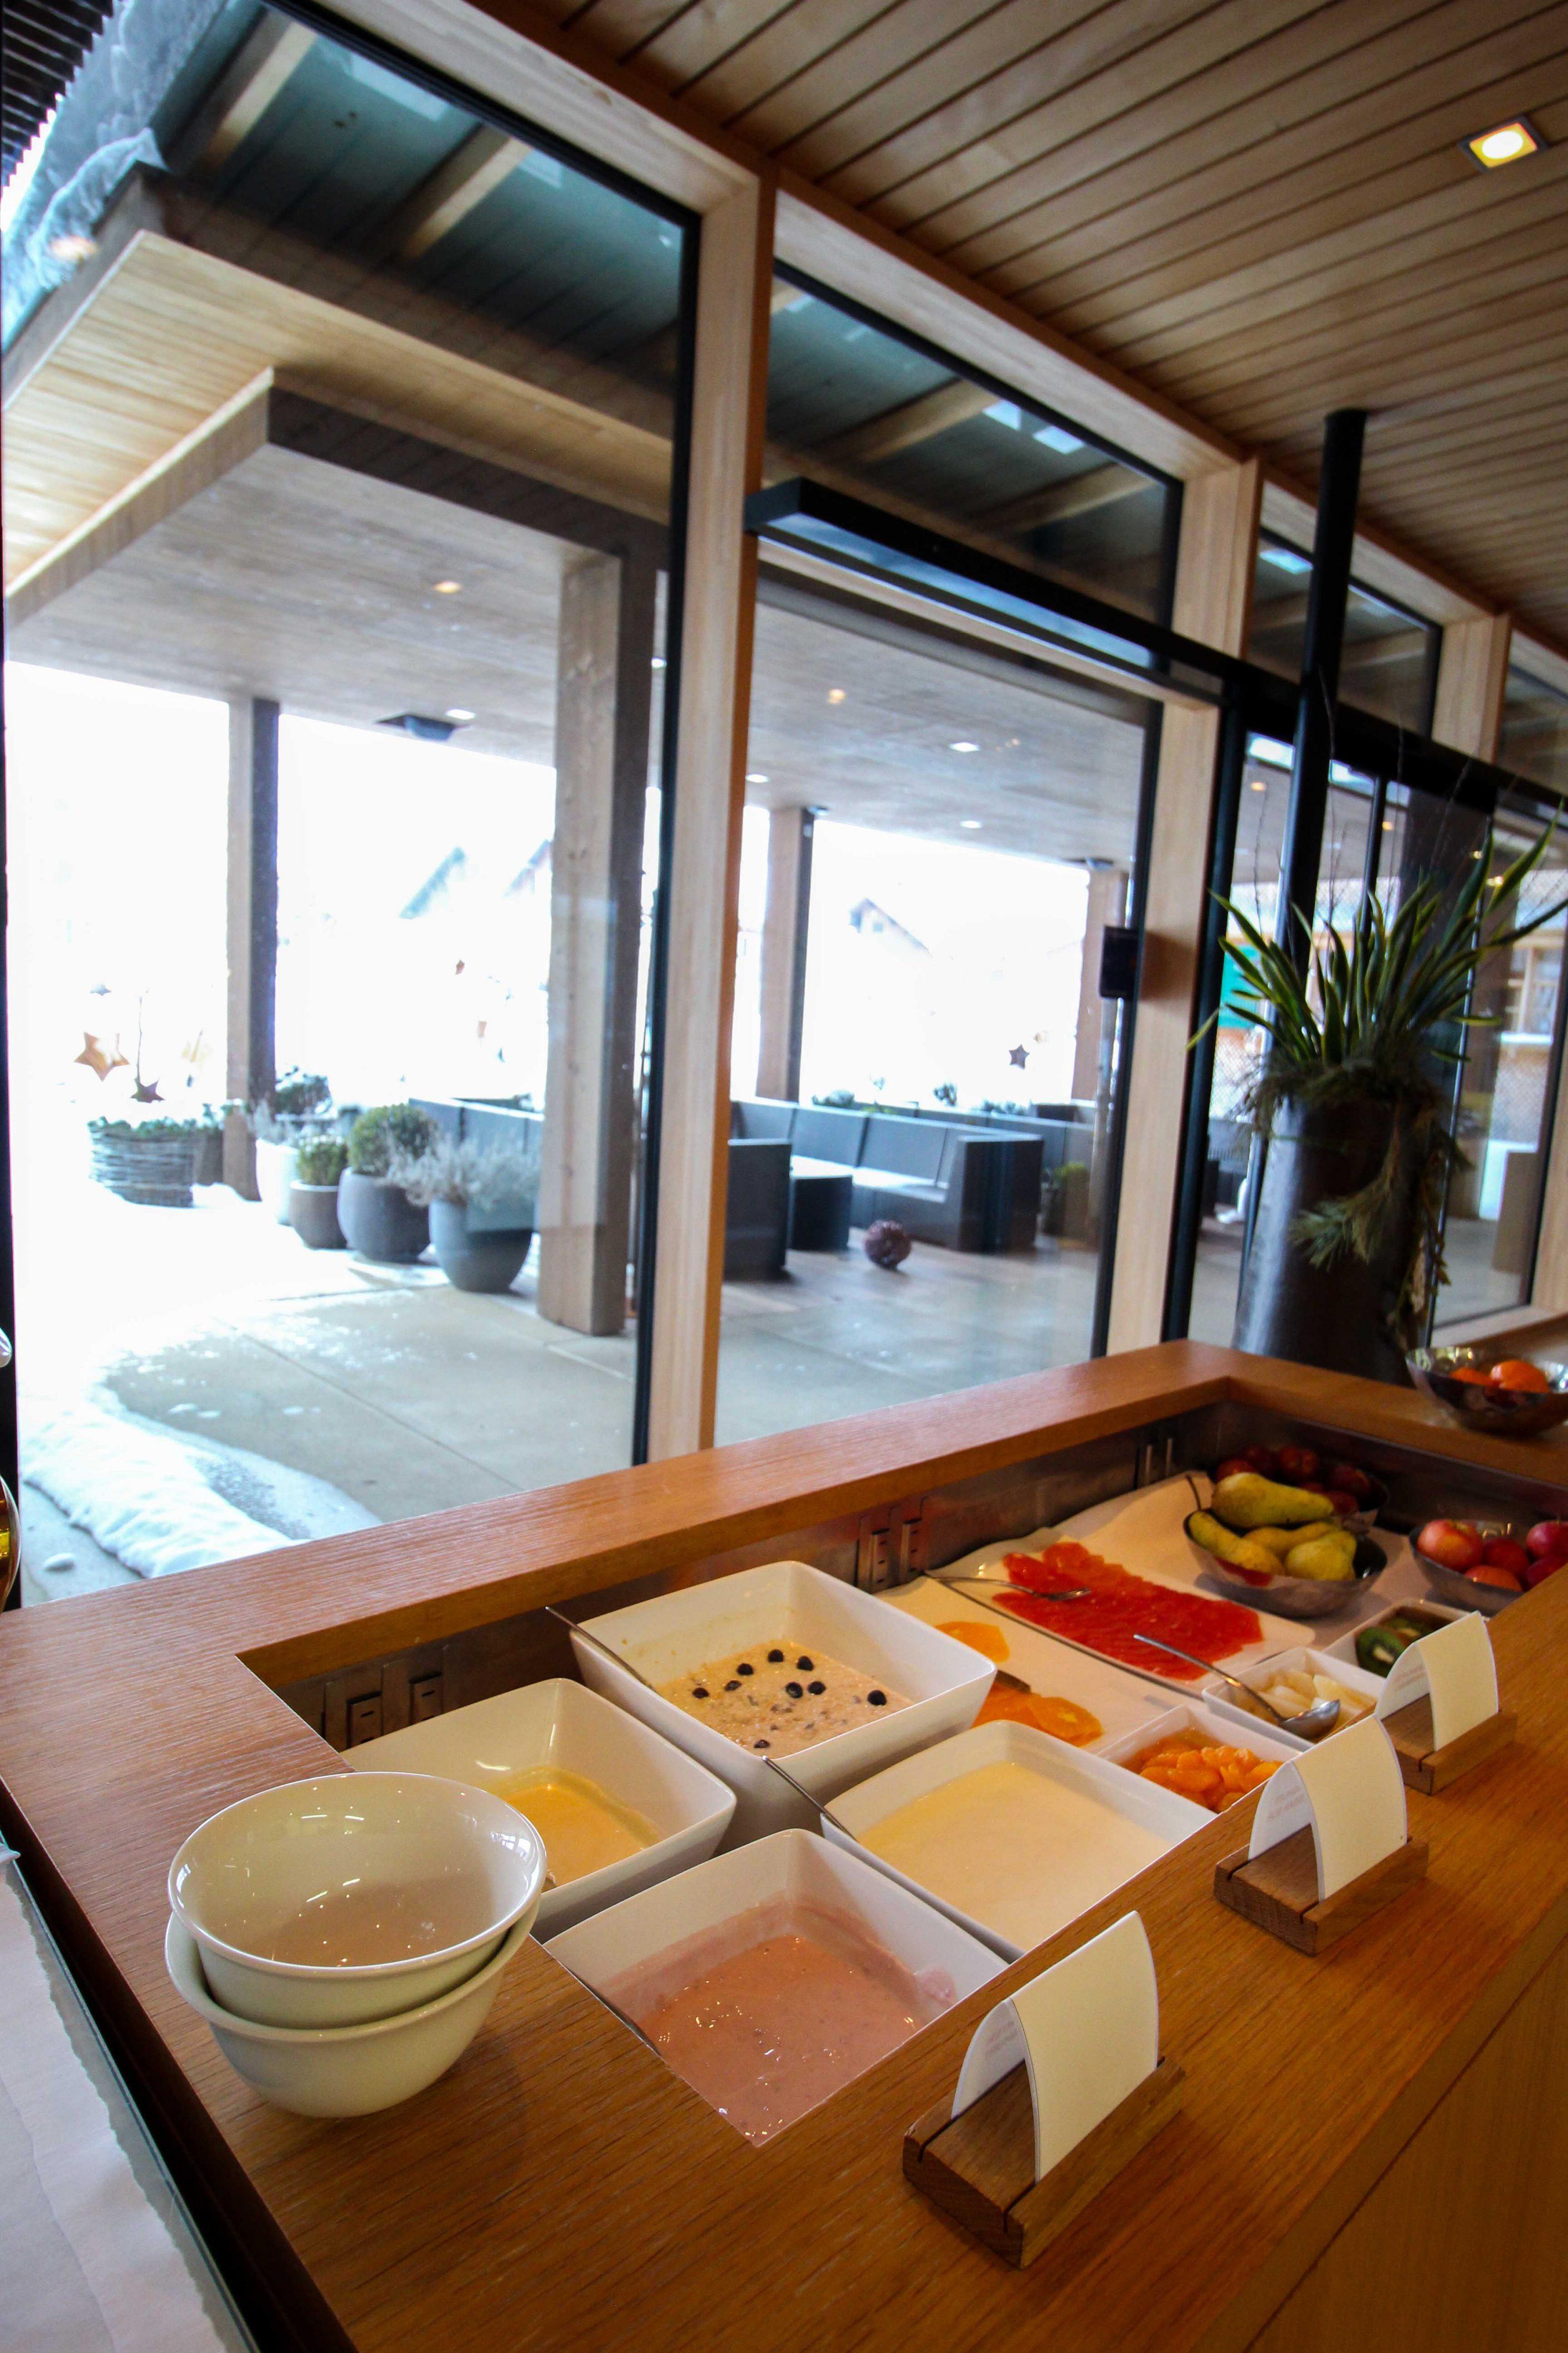 Wellnesswochenende Österreich Sonne Lifestyle Resort Mellau Wellnesshotel Bregenzerwald Gourmetpension Frühstück Buffet Reiseblog